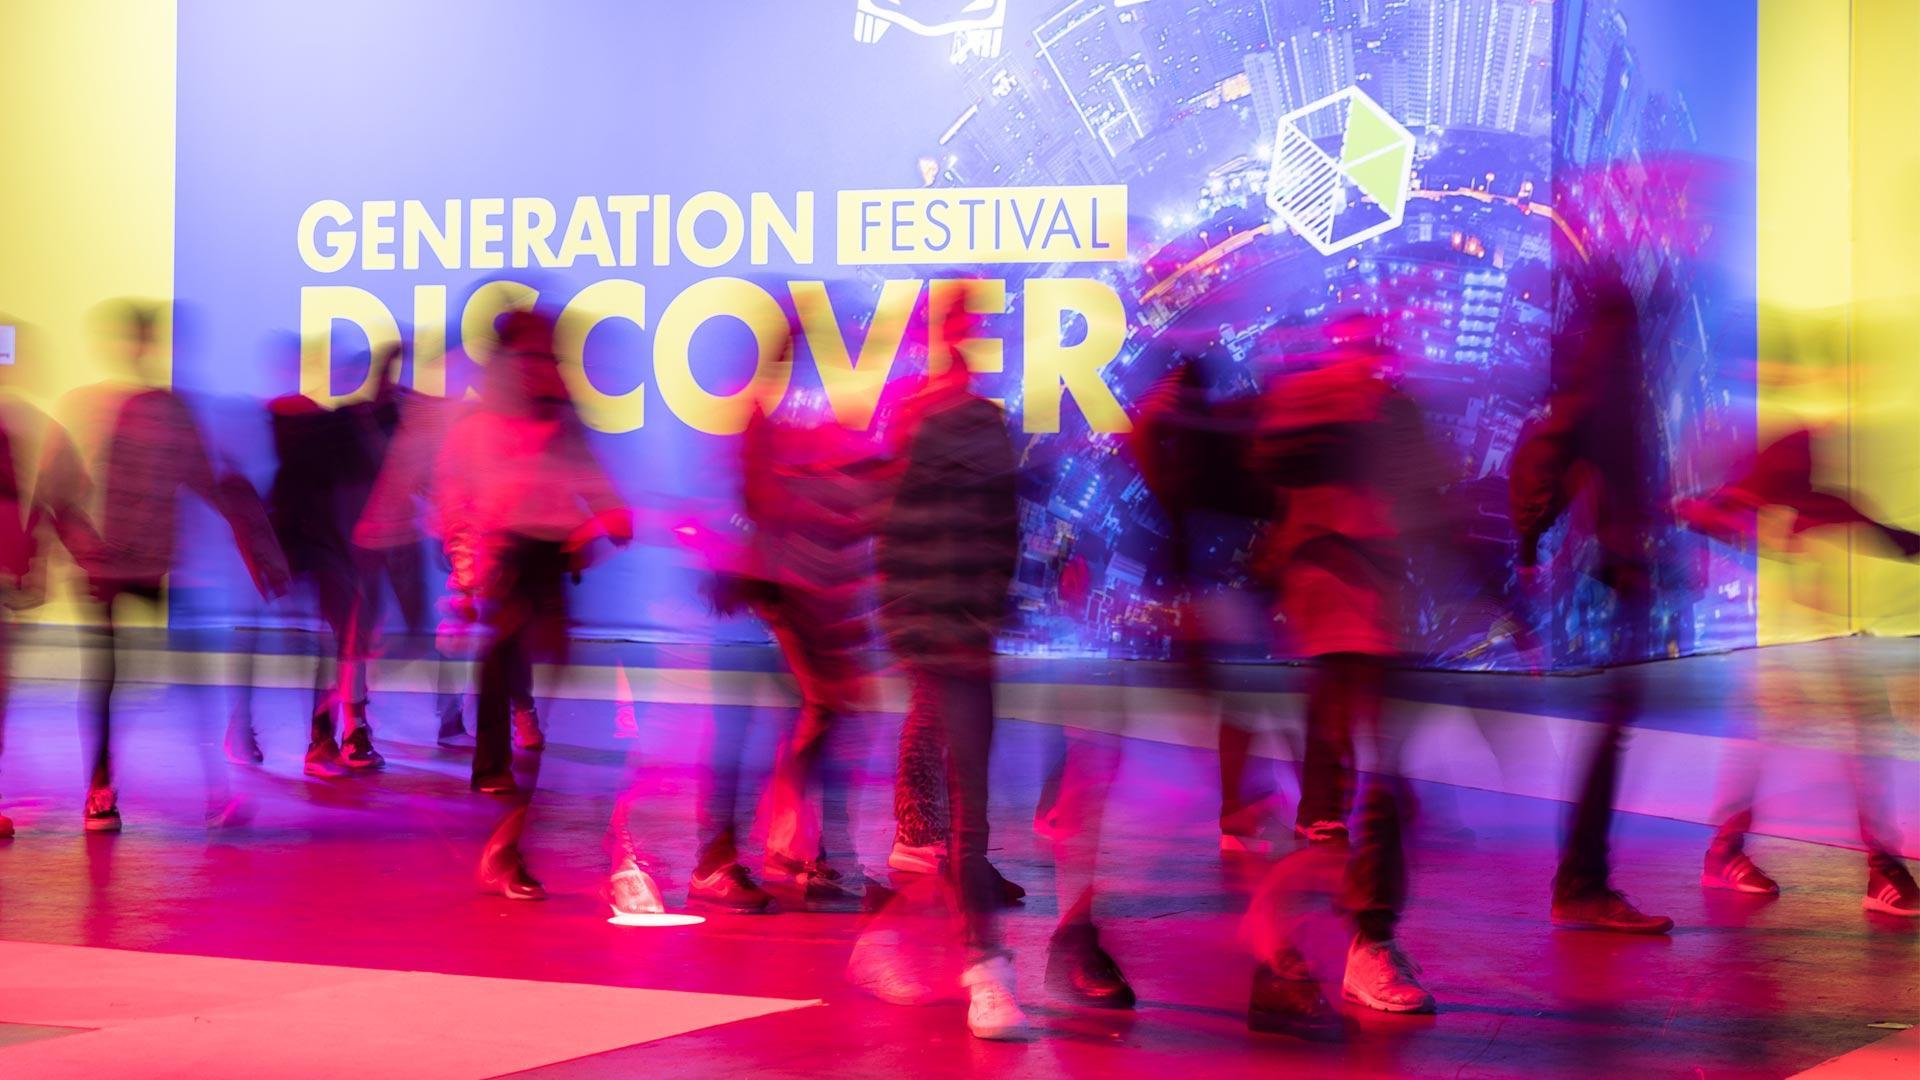 Rotterdam omarmt wetenschap en technologie met Generation Discover Festival